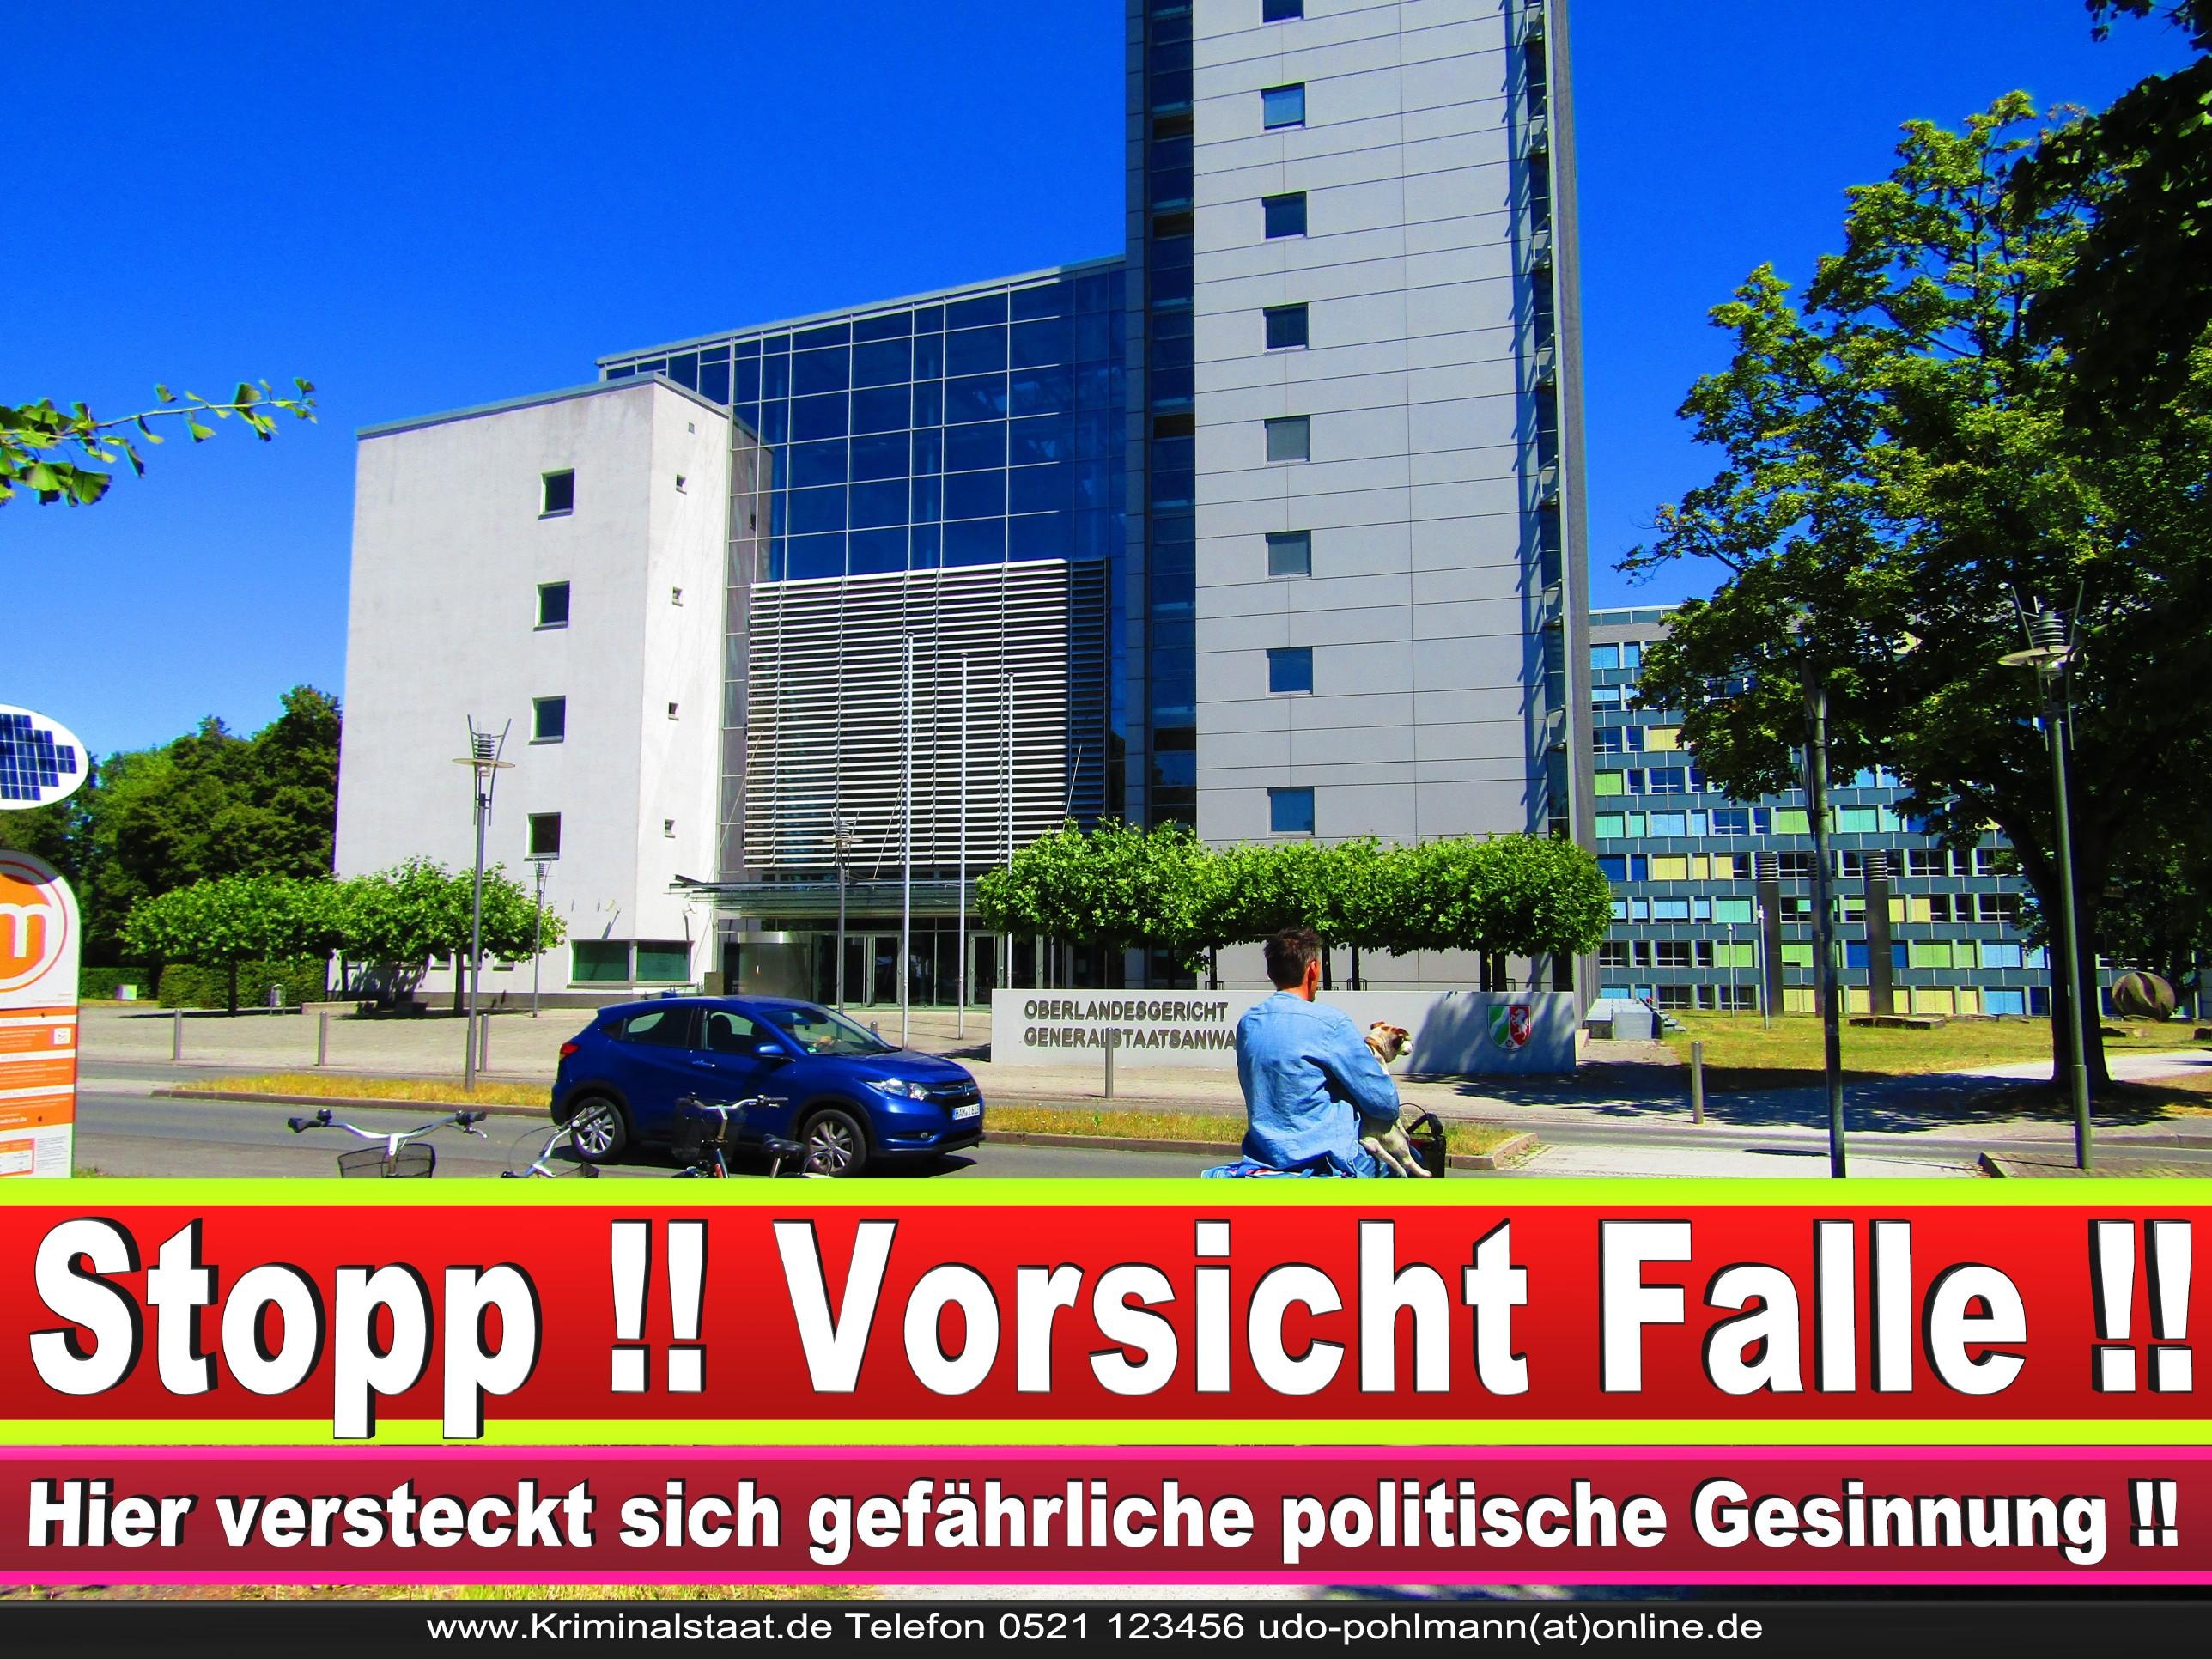 OLG Hamm Oberlandesgericht Hamm Landgericht Polizei Staatsanwaltschaft Generalstaatsanwaltschaft StA GeStA Praktikum Korruption Rechtsbeugung Richter Justiz Justizministerium (38)